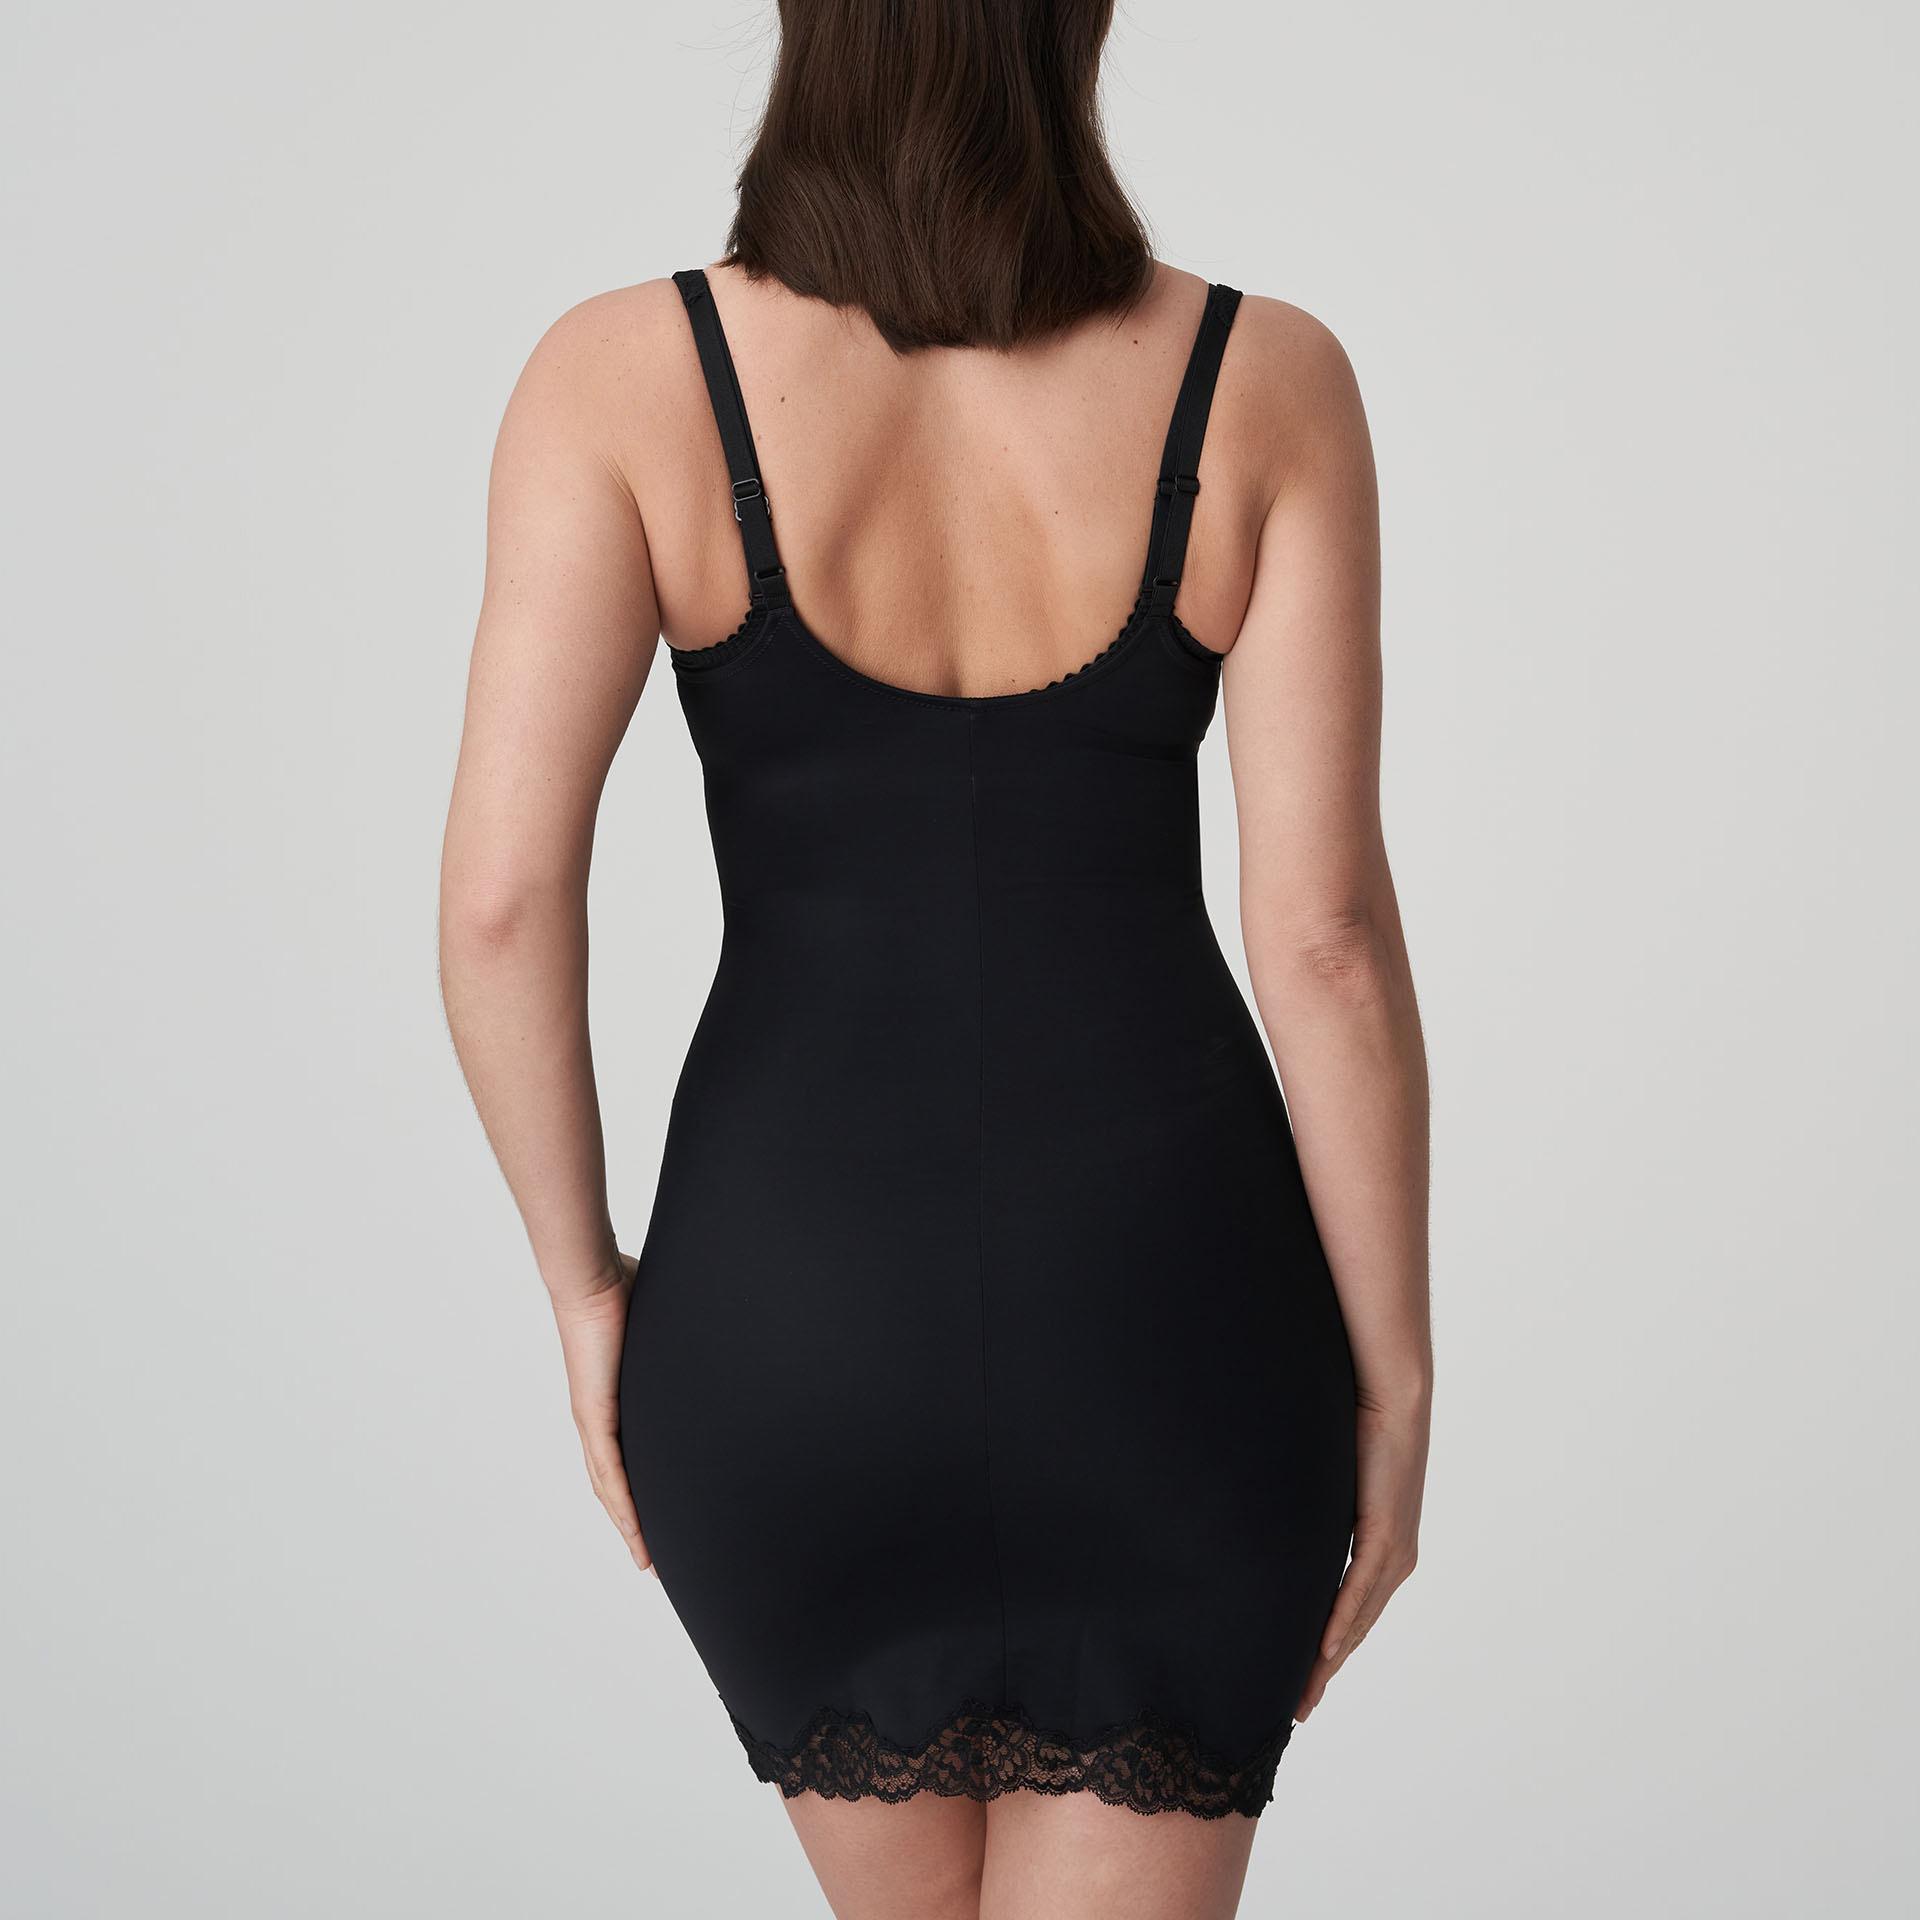 Prima Donna Couture Shapewear Kleid Schwarz Unterkleid Formend Dessous 0862580